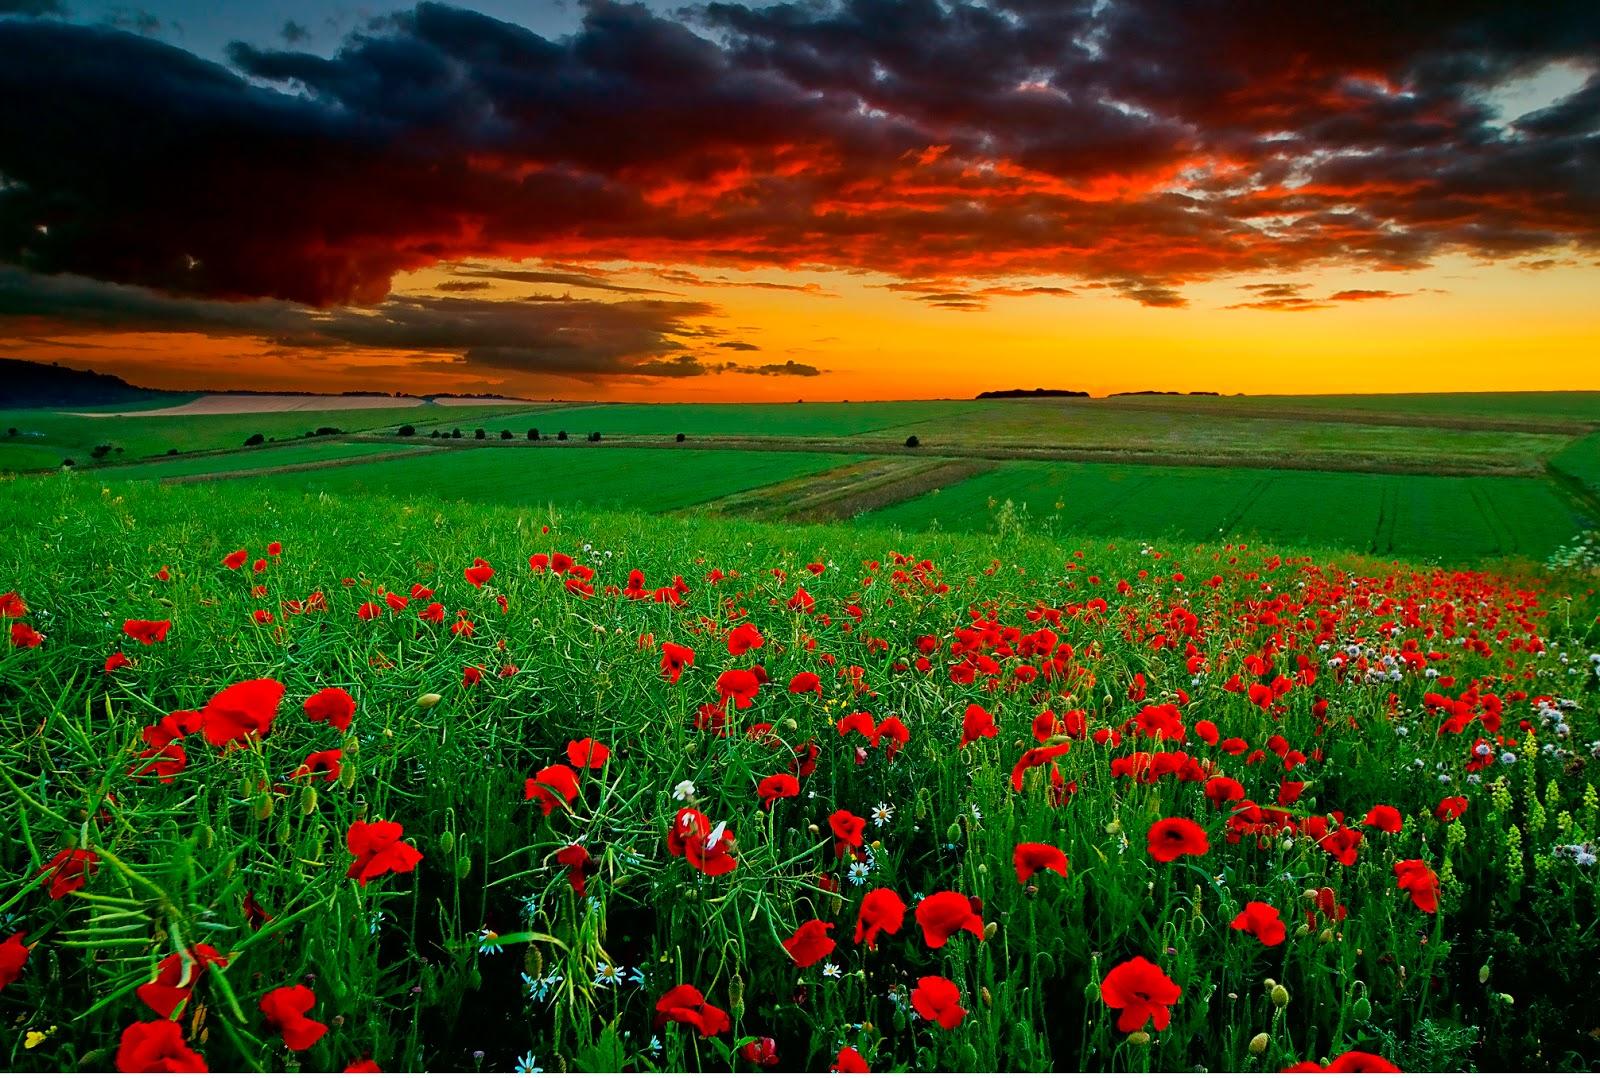 red landscape wallpapers for desktop - photo #17